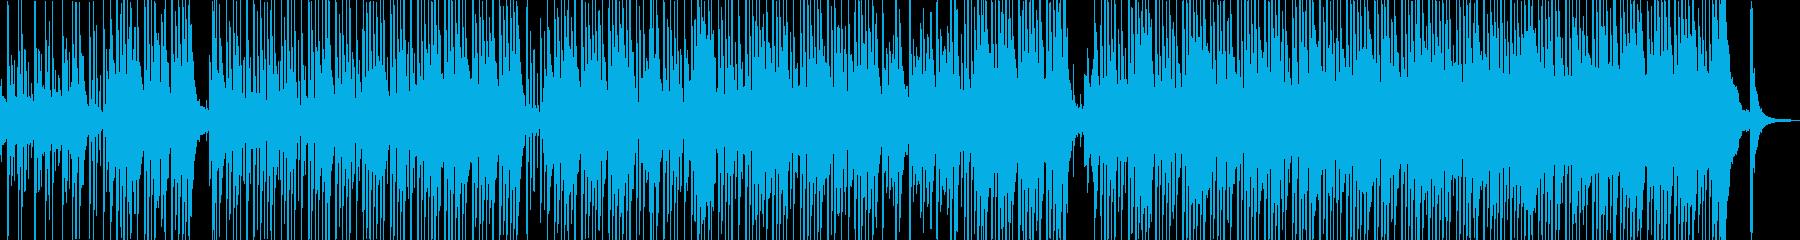 元気づける 滑稽 レトロ  音楽の再生済みの波形